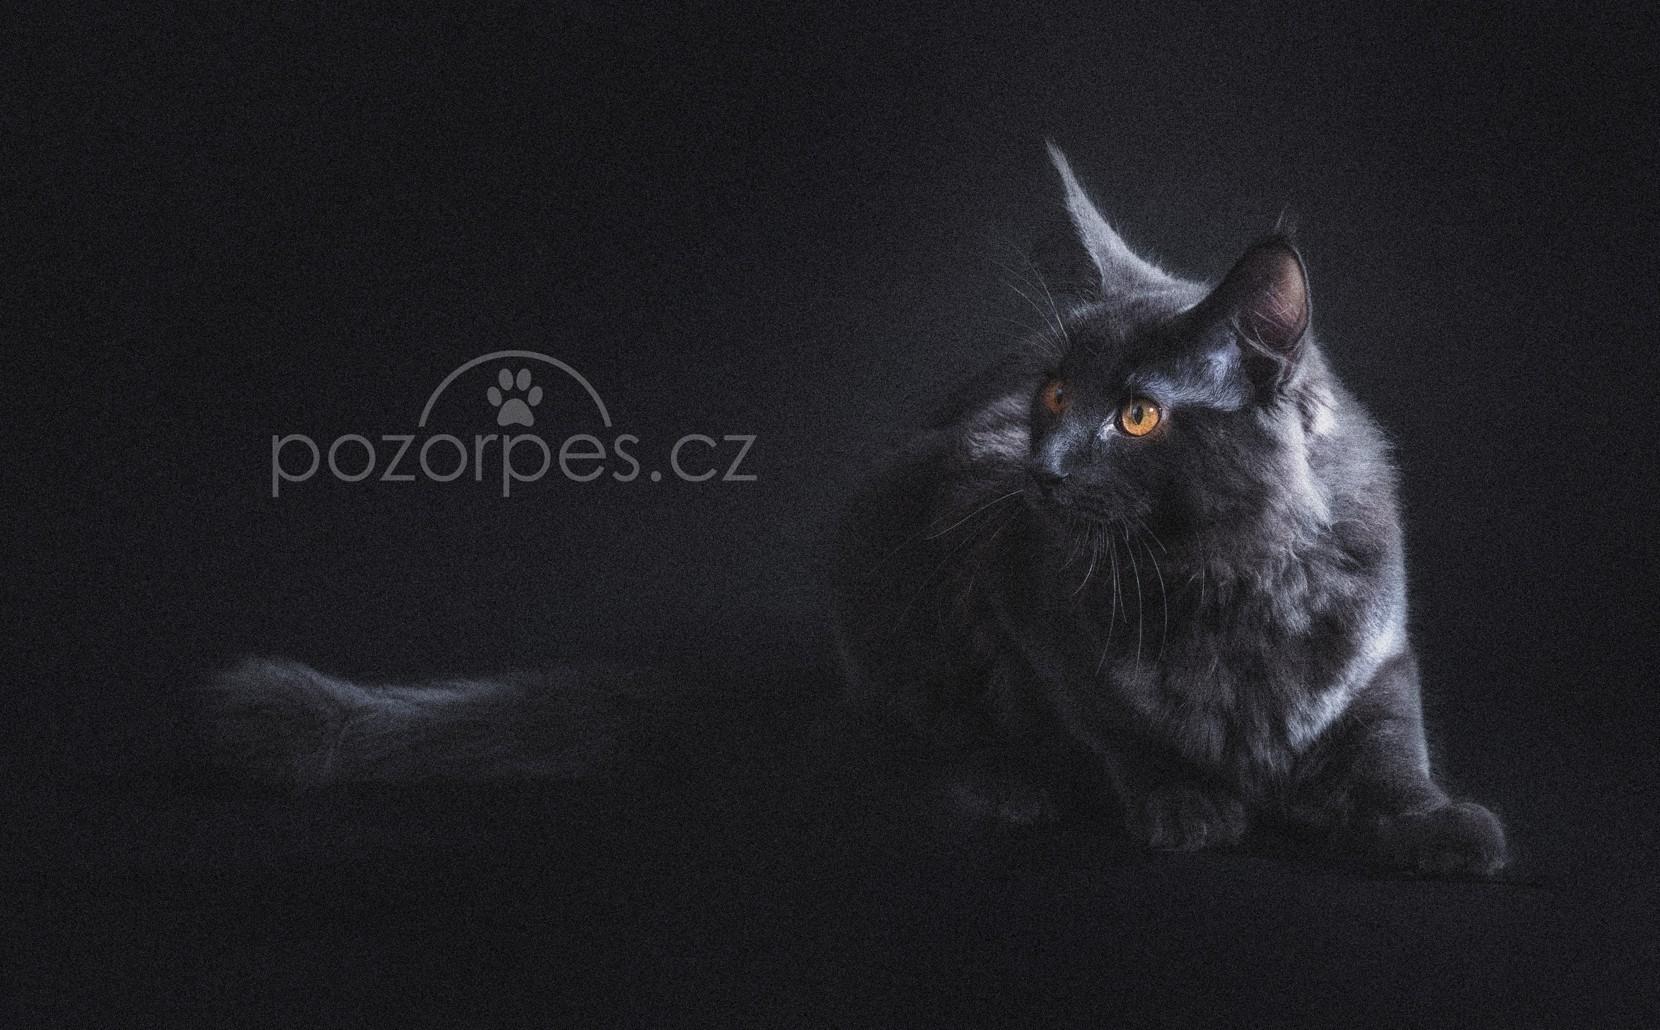 Velké ošklivé kočička fotky